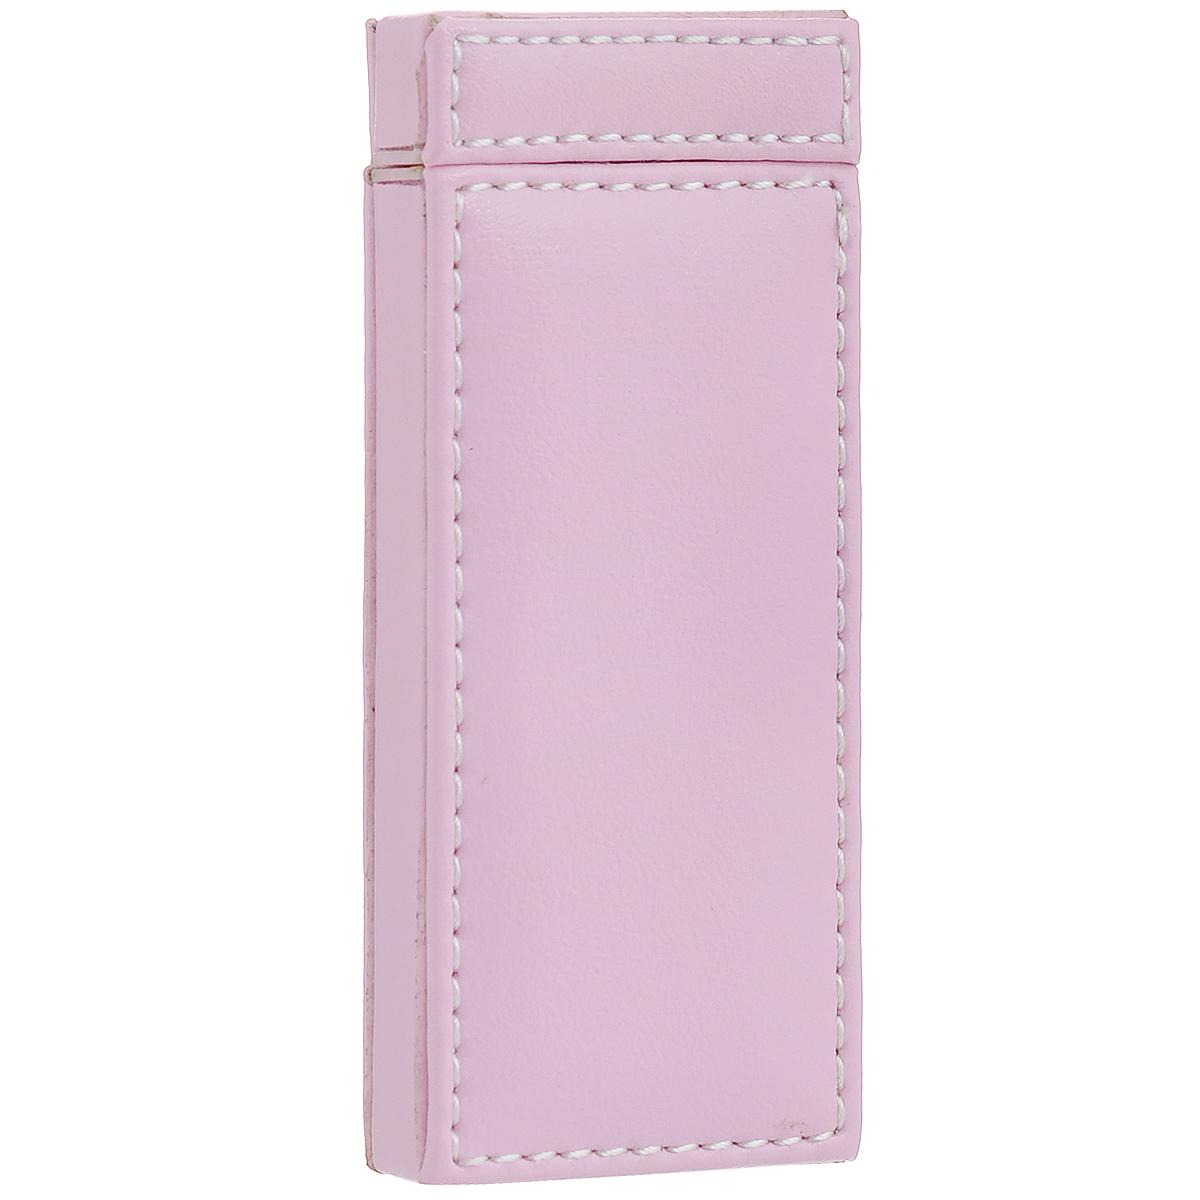 """Зеркало косметическое """"Феникс-презент"""", в чехле, двухстороннее, цвет: розовый. 28821"""